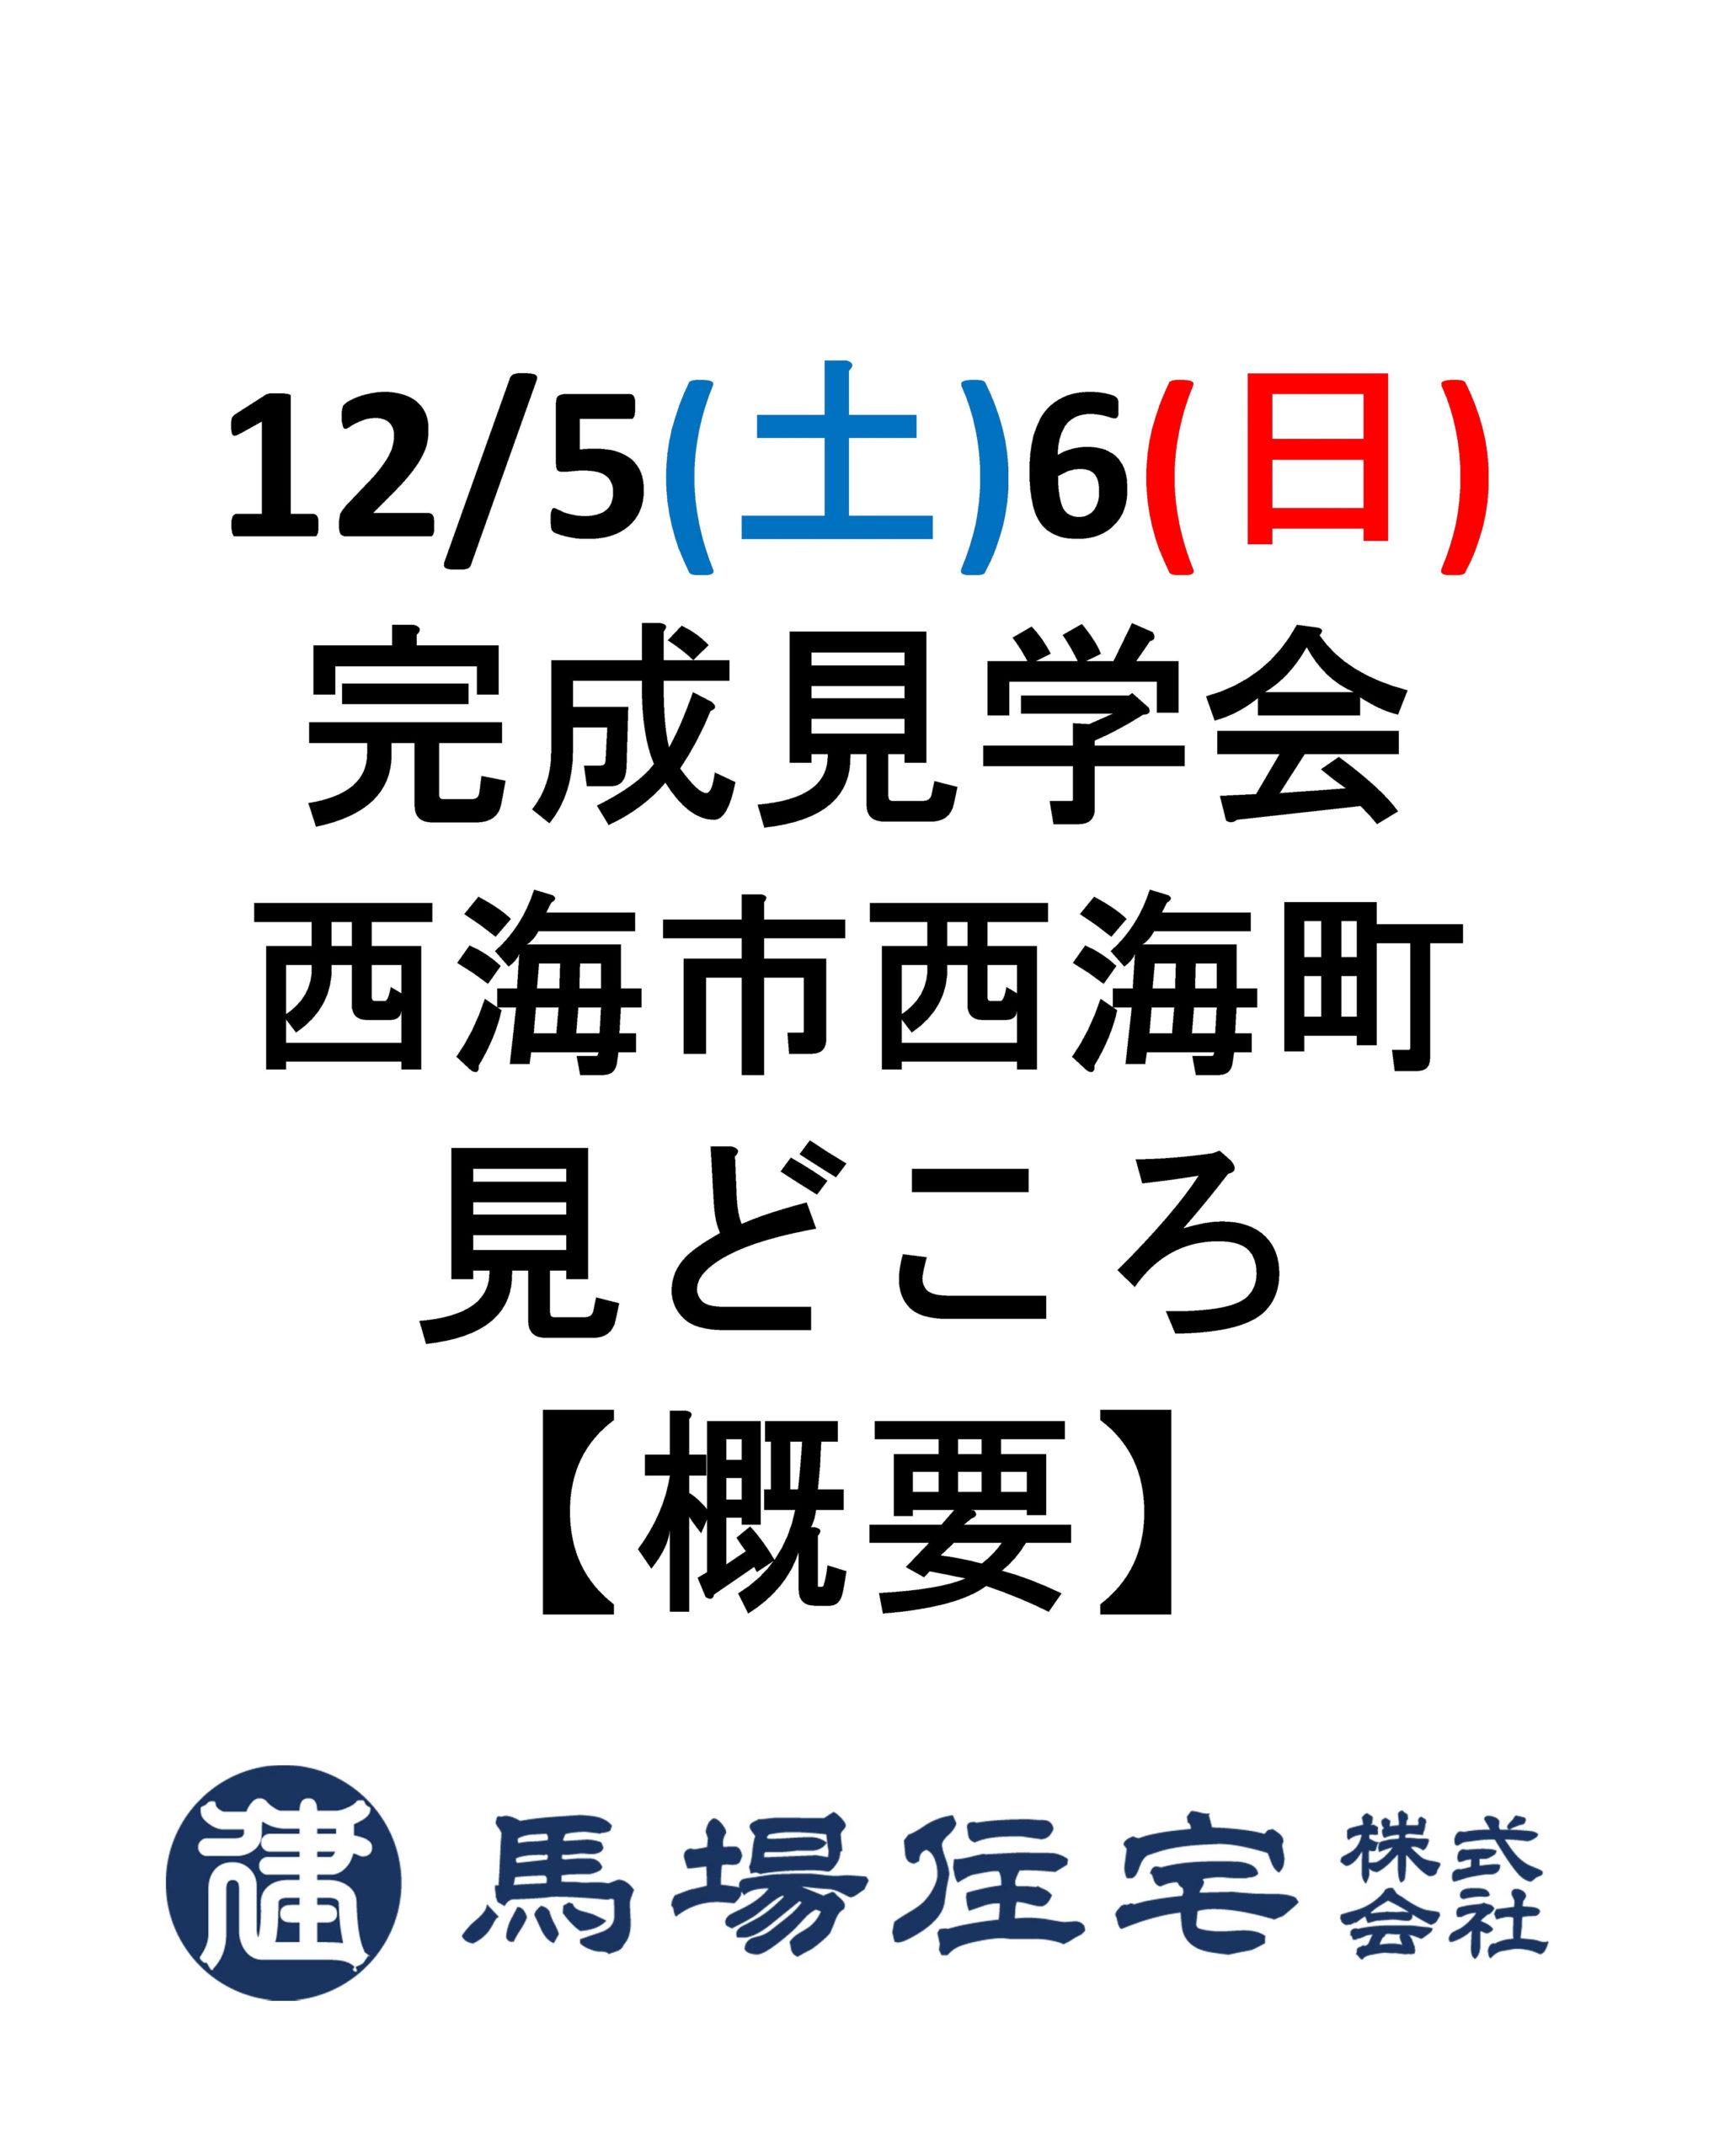 [insta]2020年最後の見学会12/5(土)6(日)西海市西海町ー ー ー ー ー ー ー ー ー ー ー ー ー ー ー【概要】5LDK祖父+両親+(若夫婦)の3世代家族みんなが安心して暮らせる住まい馬場住宅株式会社長崎県大村市中里町418-14TEL 0957-54-3324メール info@babajuutaku.com@babajuutaku#babajuutakuホームページ【馬場住宅 】で 検索HPにも施工例あります。私たち#馬場住宅 は#長崎県 #大村市 の#工務店 です。施工エリアは長崎県内全域にて#新築 #注文住宅 #一戸建て を中心に建ててます。みなさんの夢の#マイホーム を造っている会社です。最近では#リノベーション #リフォーム#古民家再生 #二世帯住宅 #平屋 の依頼を多く頂いています。馬場住宅が建てる家#社員大工 が造る3つのスタイルで建てています。#和洋折衷#優しい家 #安らぐ家#現代和風#現し #無骨 #板張り #無垢#純和風#和室 #床の間 #磨き丸太#zeh #長期優良住宅=================馬場住宅の家づくり小さな工務店ですが、大工20名は全員社員として在籍技術には定評があり木の家専門の大工工務店として地元に根強い会社です。性能と自然素材で安心安全と信頼の住まいをつくります。資料請求はインスタ又はHP内の「お問合せ」からどうぞ@babajuutakuホームページは【馬場住宅 】で 検索#ここの社員大工の棟梁は40代